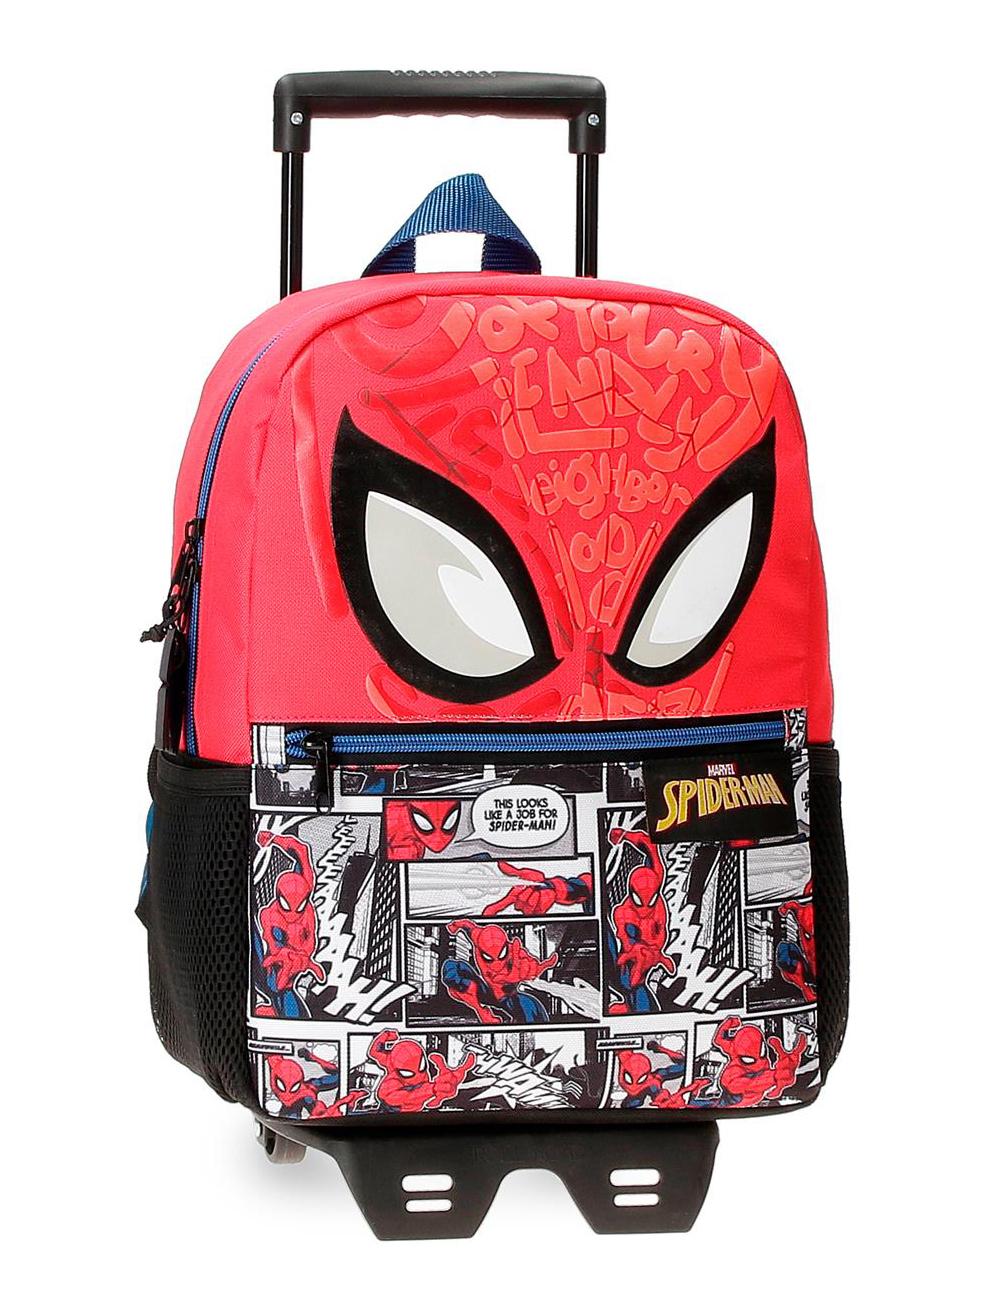 22522T1 Mochila 32cm con Carro Spiderman Comic